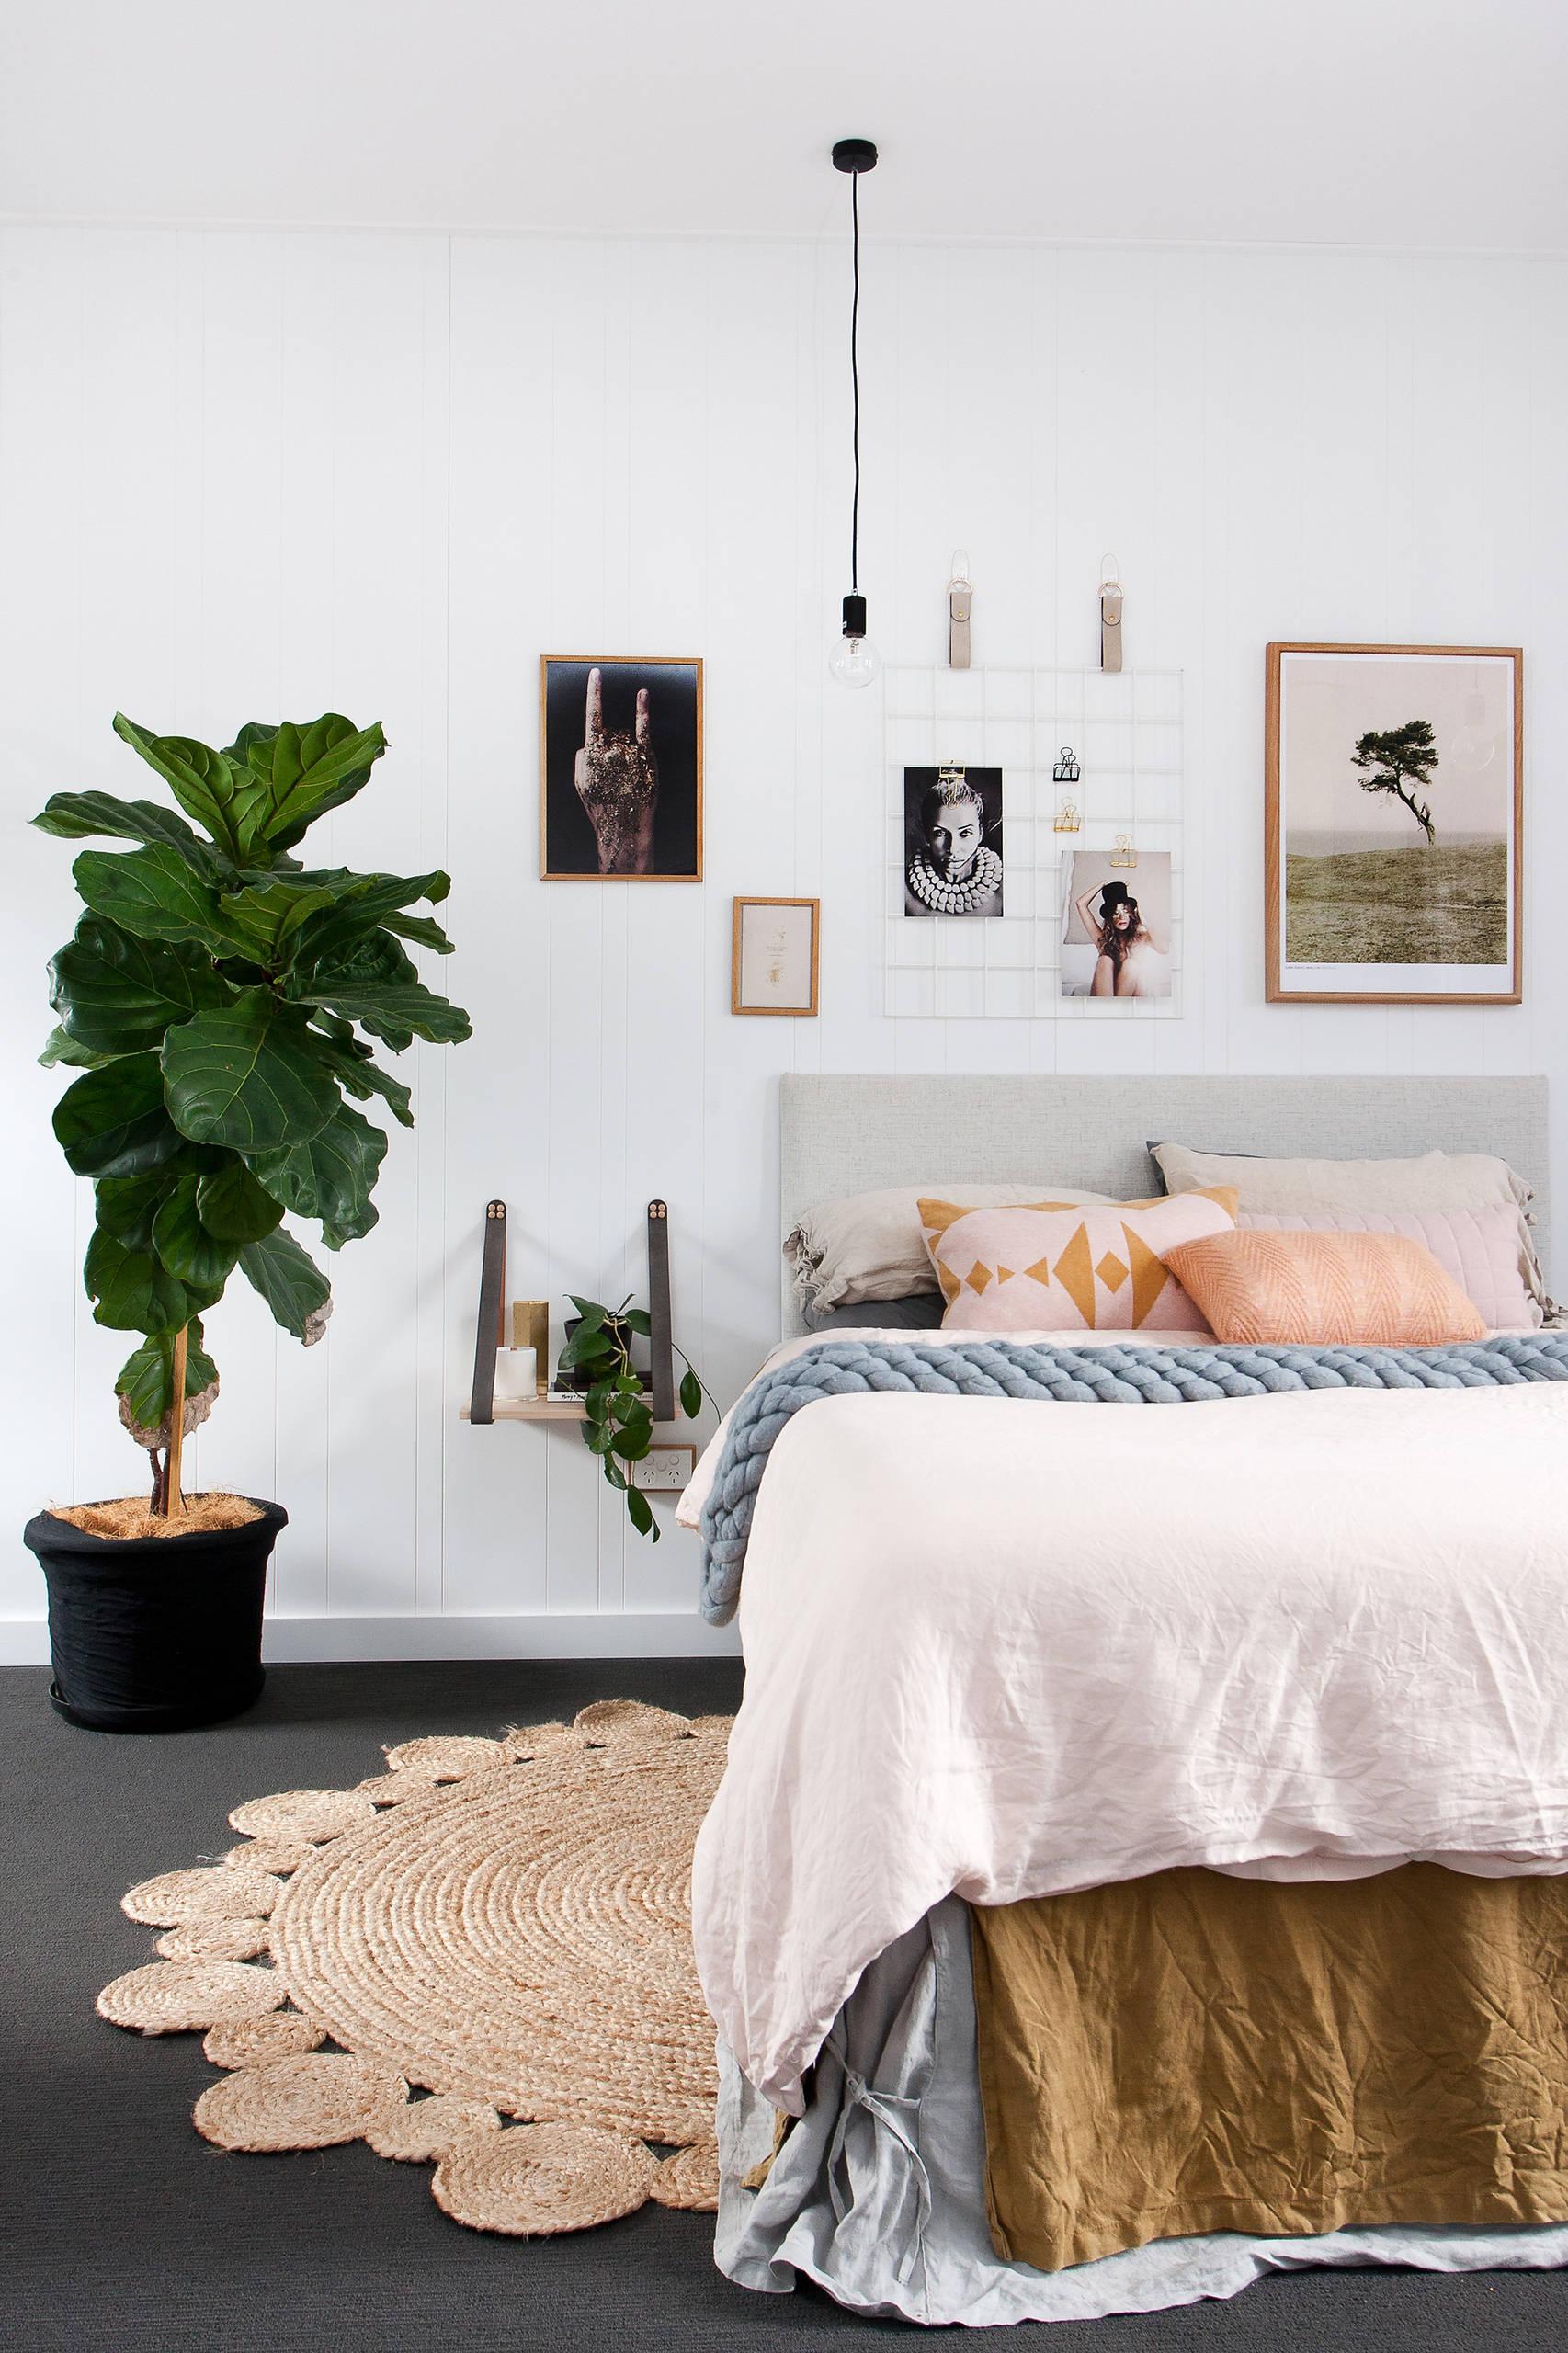 decoración con alfombras en dormitorio